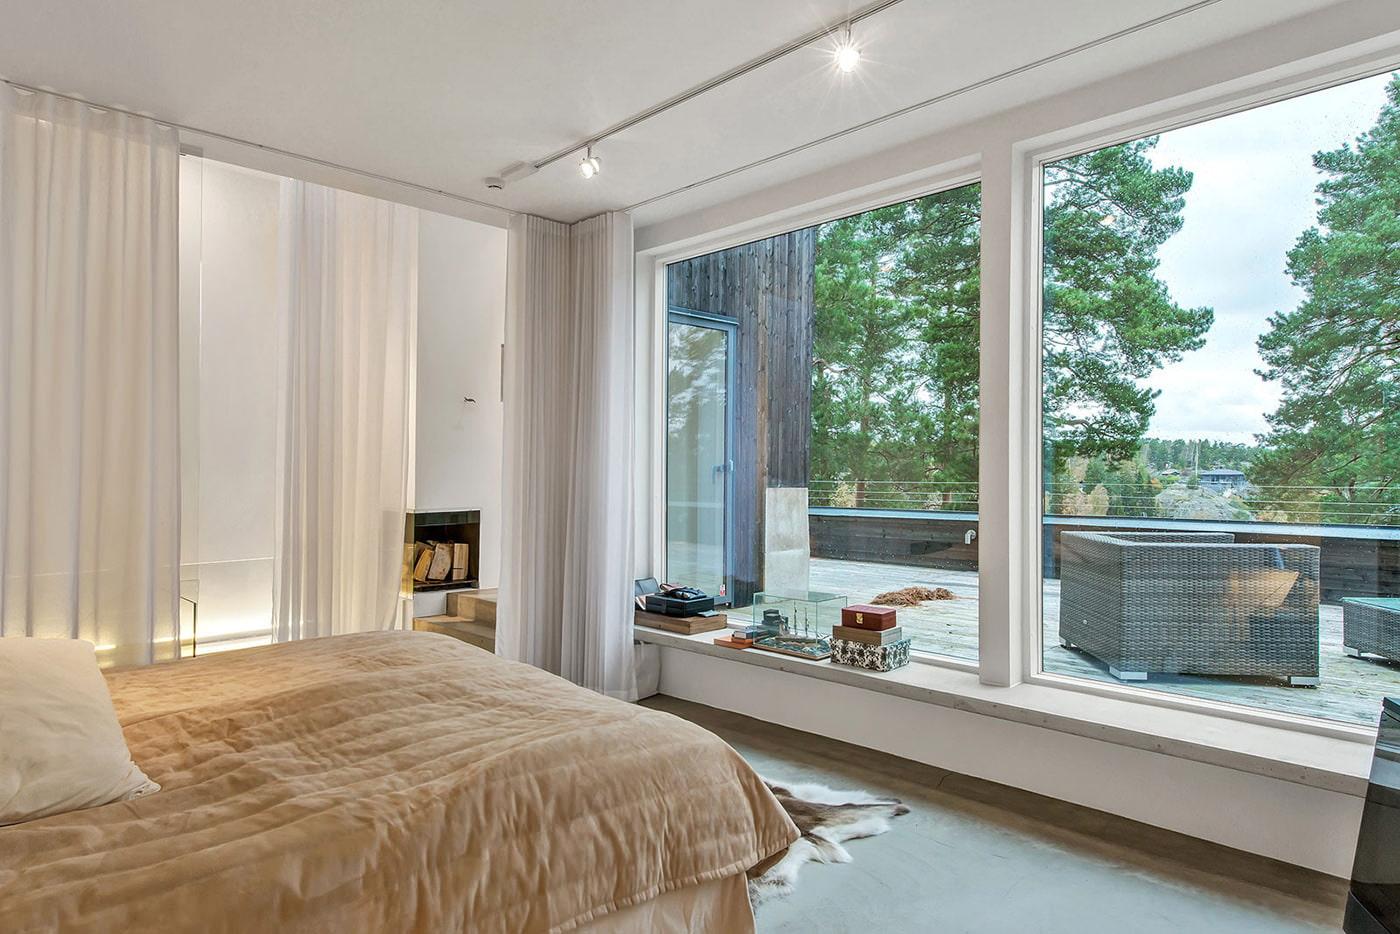 Высота от пола до подоконника в жилых помещениях — есть ли стандарт